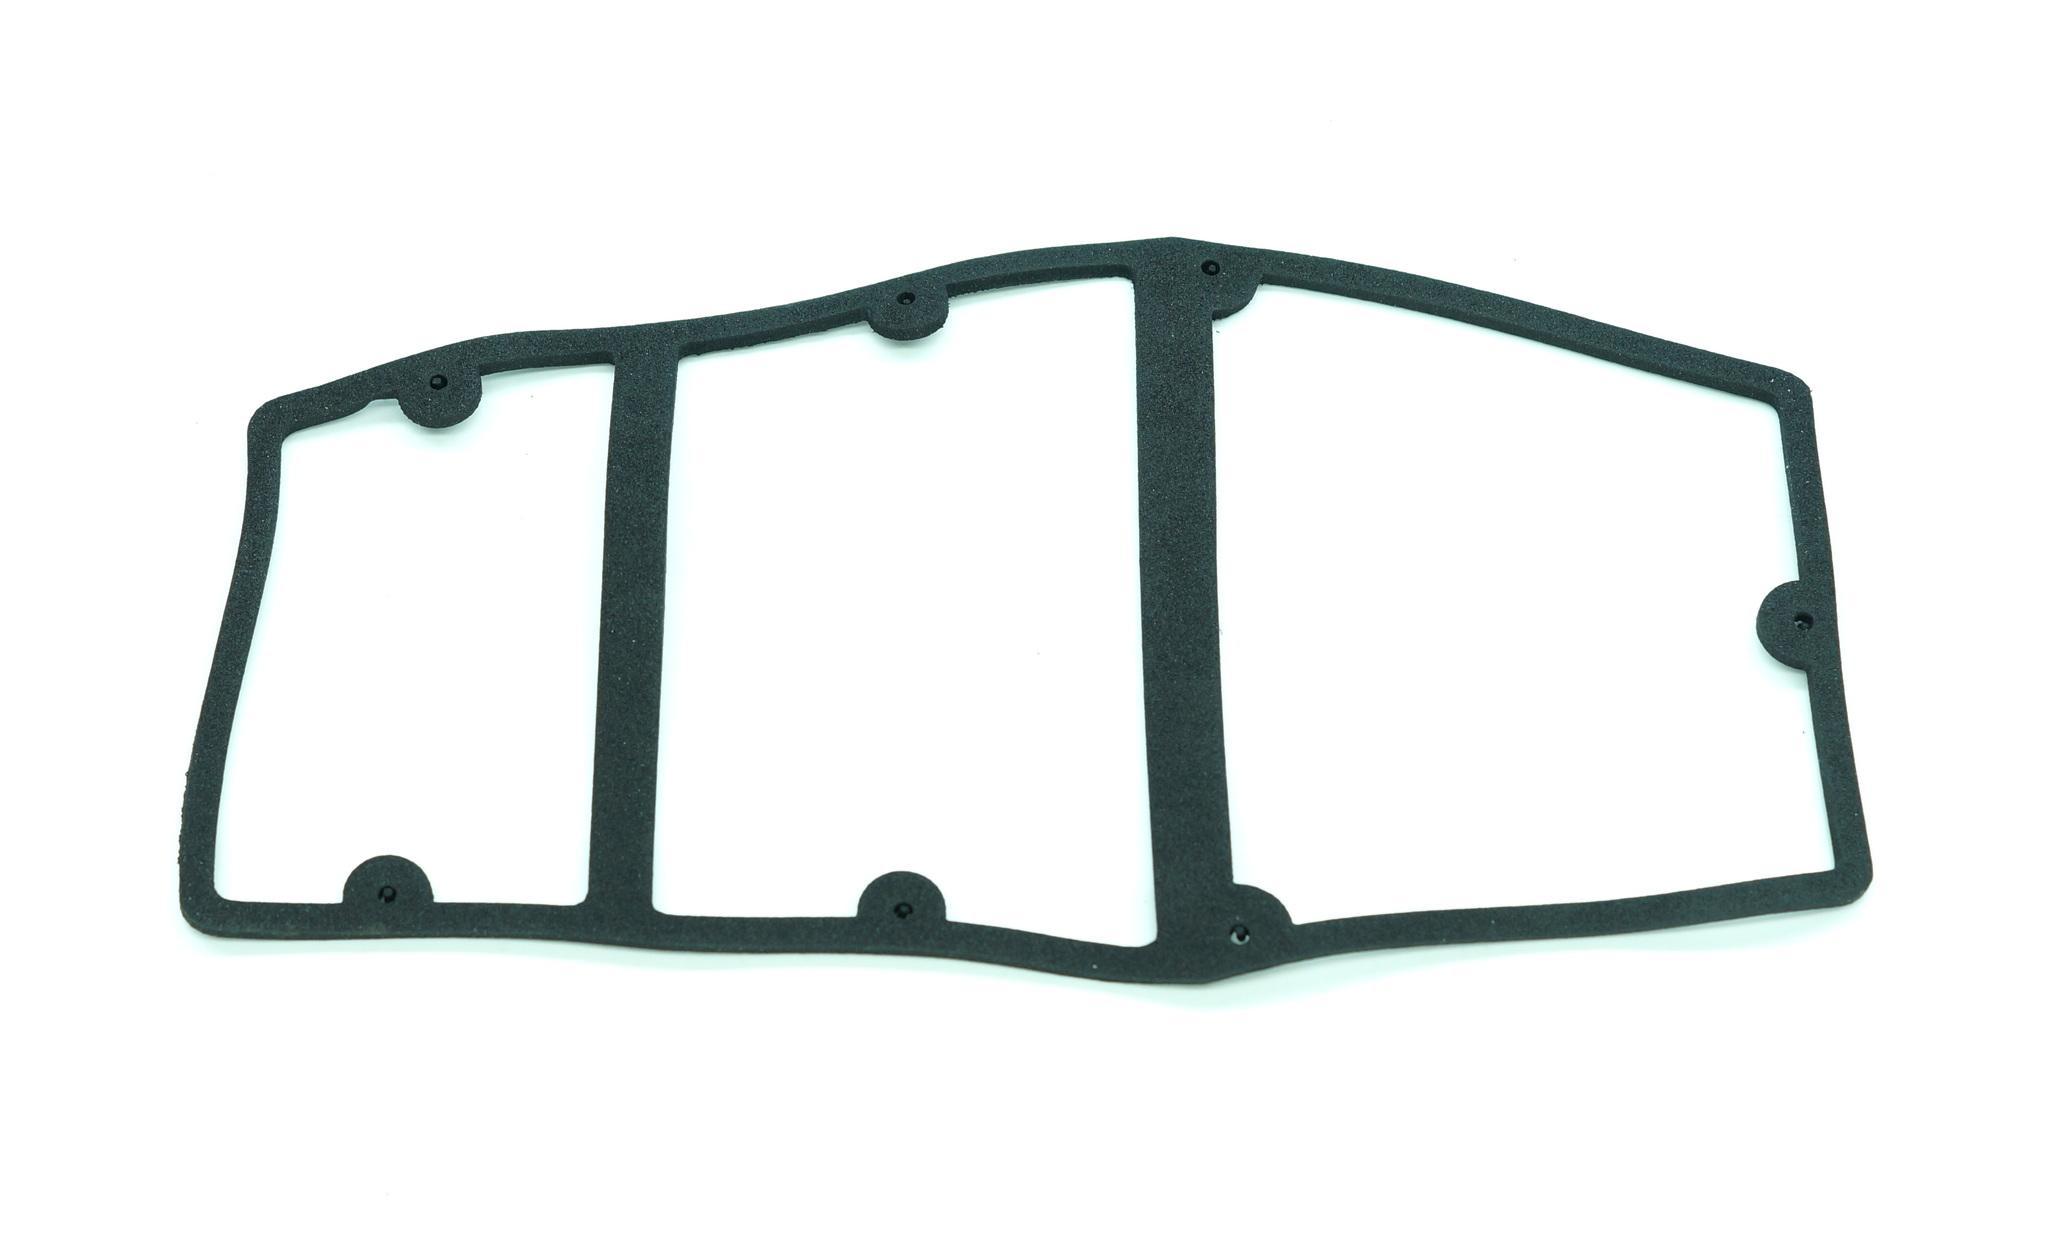 Прокладка стекла заднего фонаря ГАЗ 2401